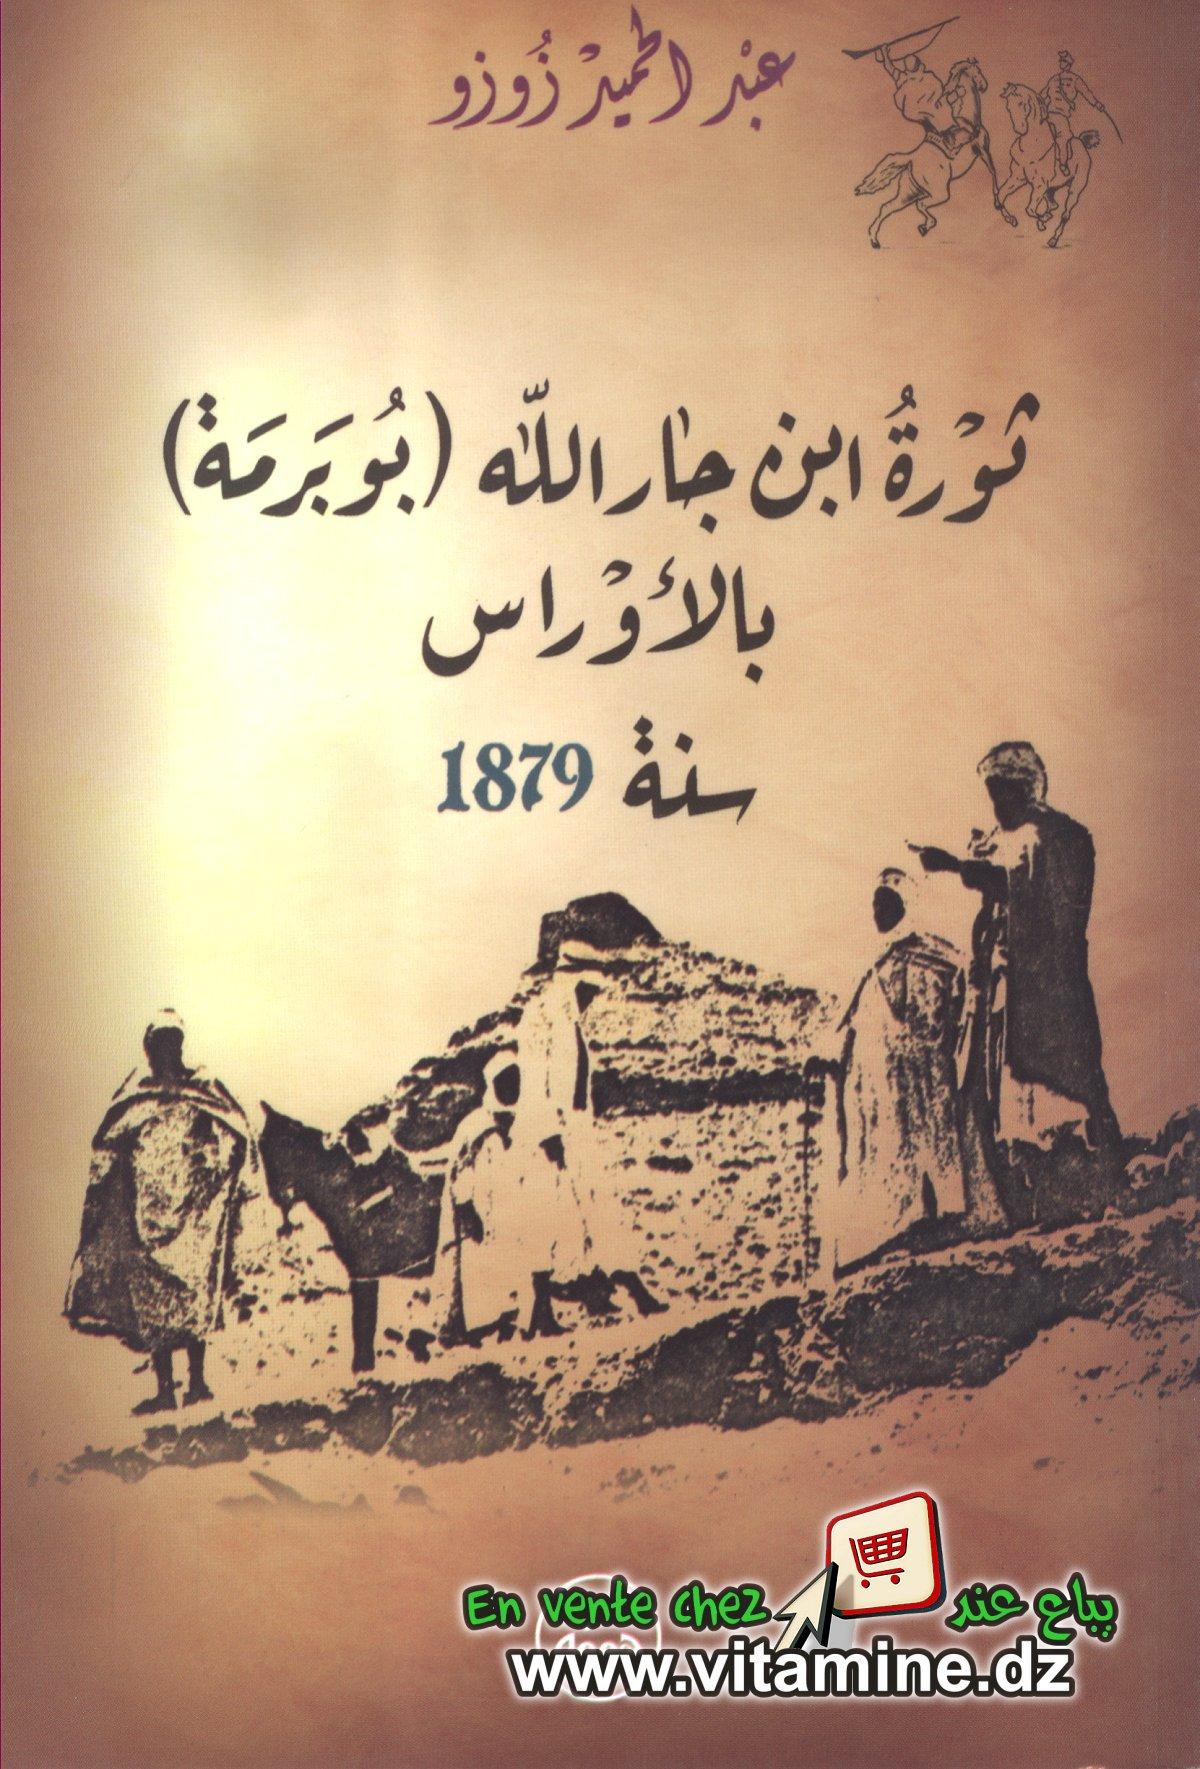 Abdelhamid Zouzou - L'insurrection de l'Aures 1879